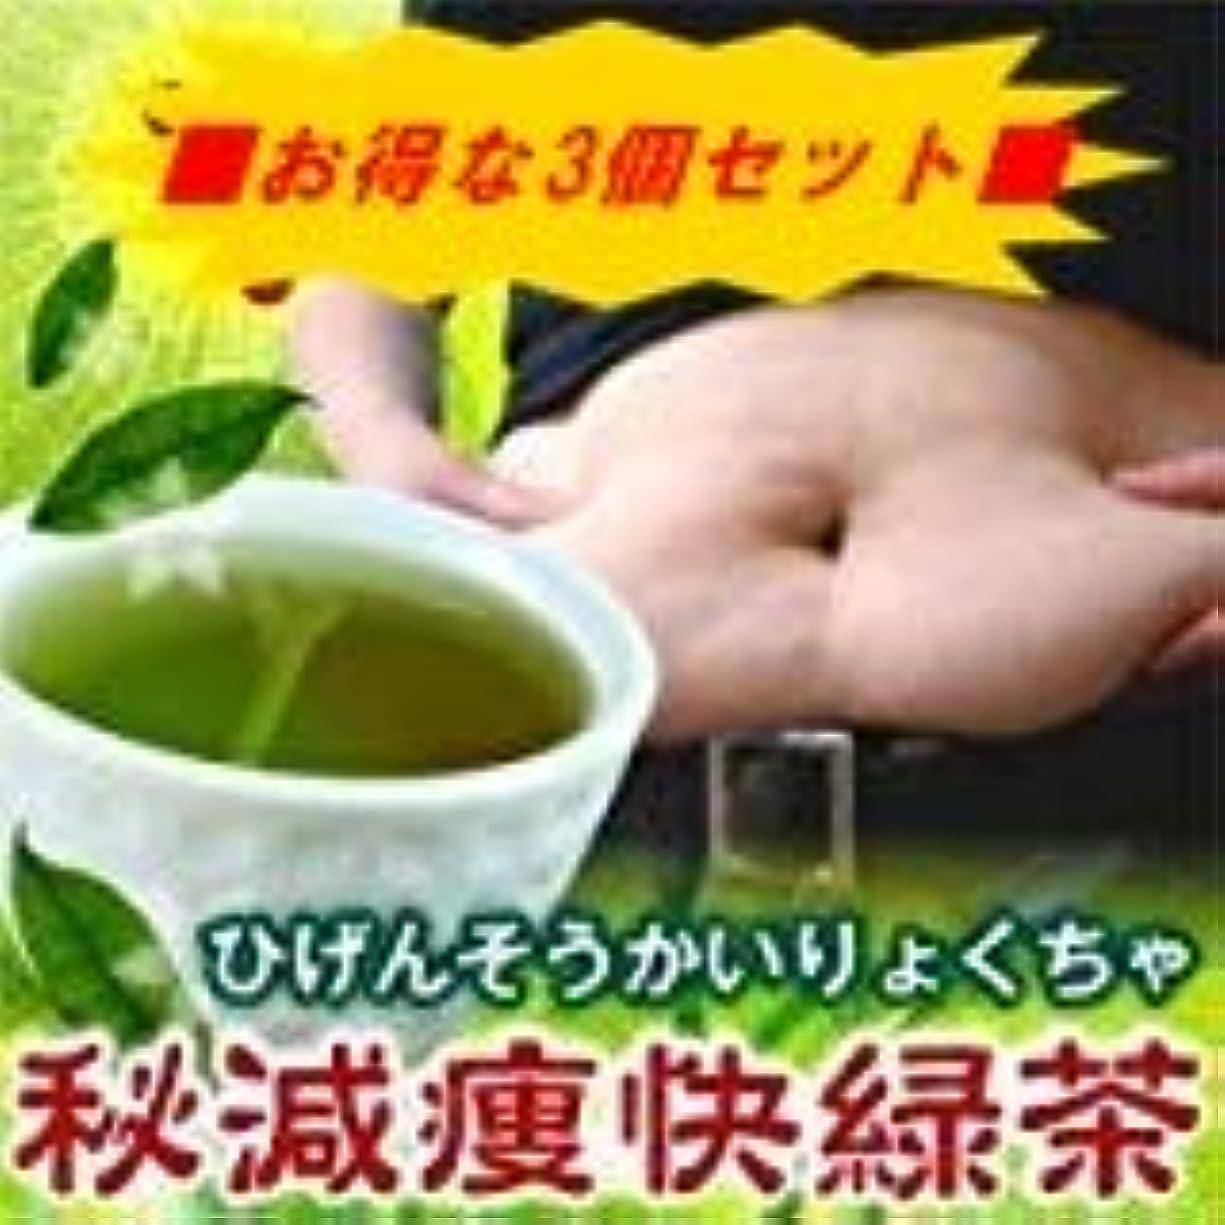 火スラッシュファンド秘減痩快緑茶(ひげんそうかいりょくちゃ) 3個セット?